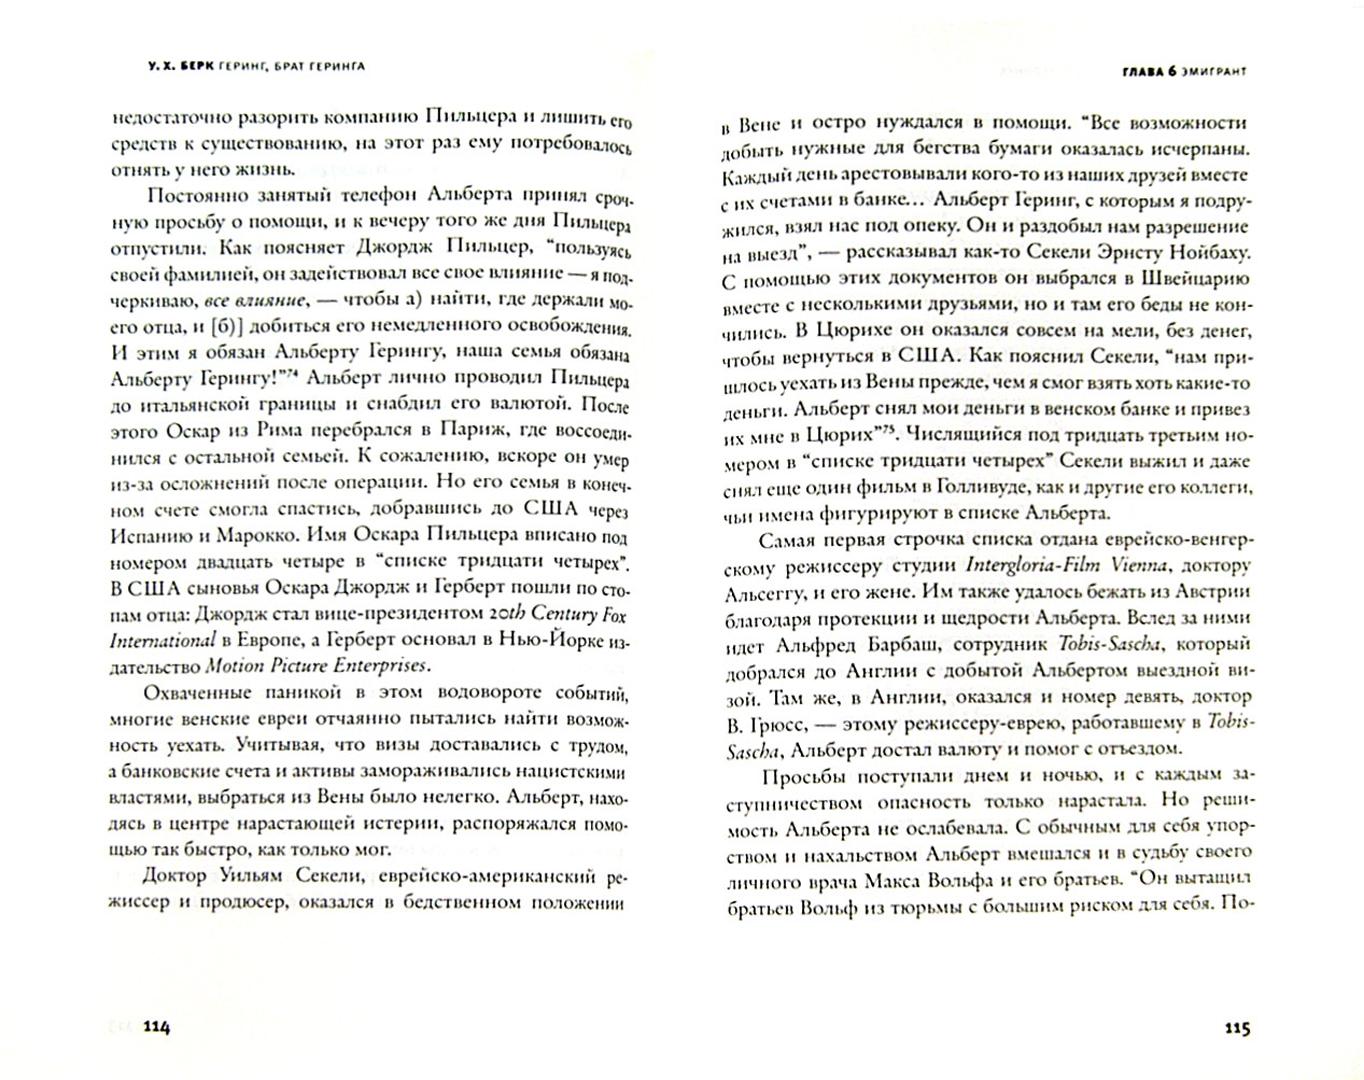 Иллюстрация 1 из 27 для Геринг, брат Геринга. Незамеченная история праведника - Уильям Берк   Лабиринт - книги. Источник: Лабиринт